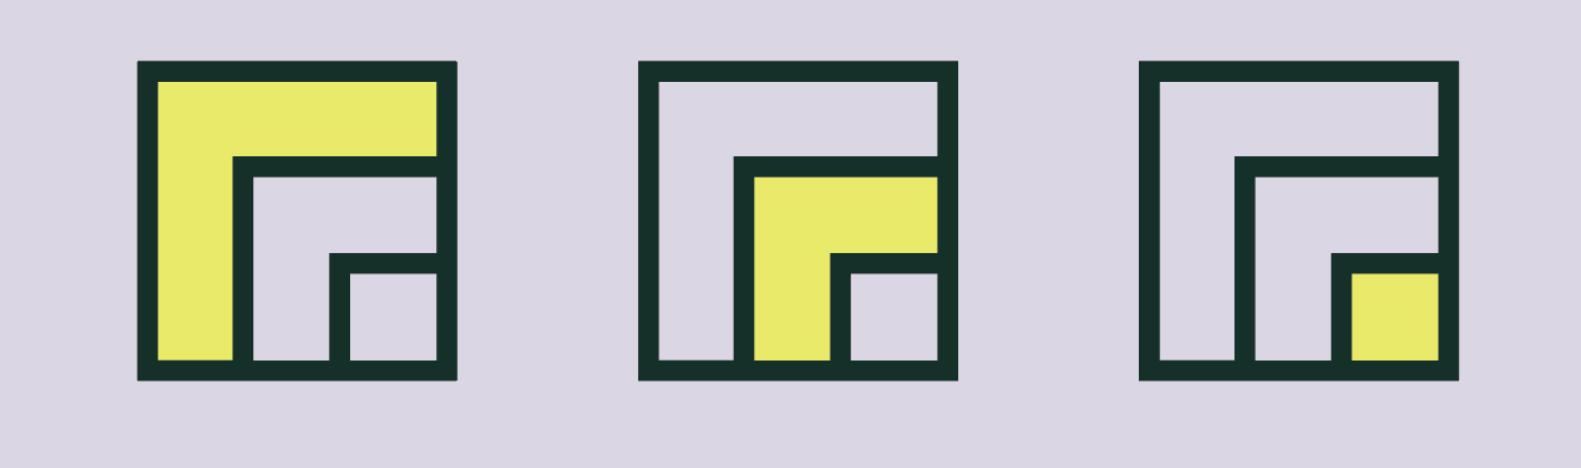 The logomark